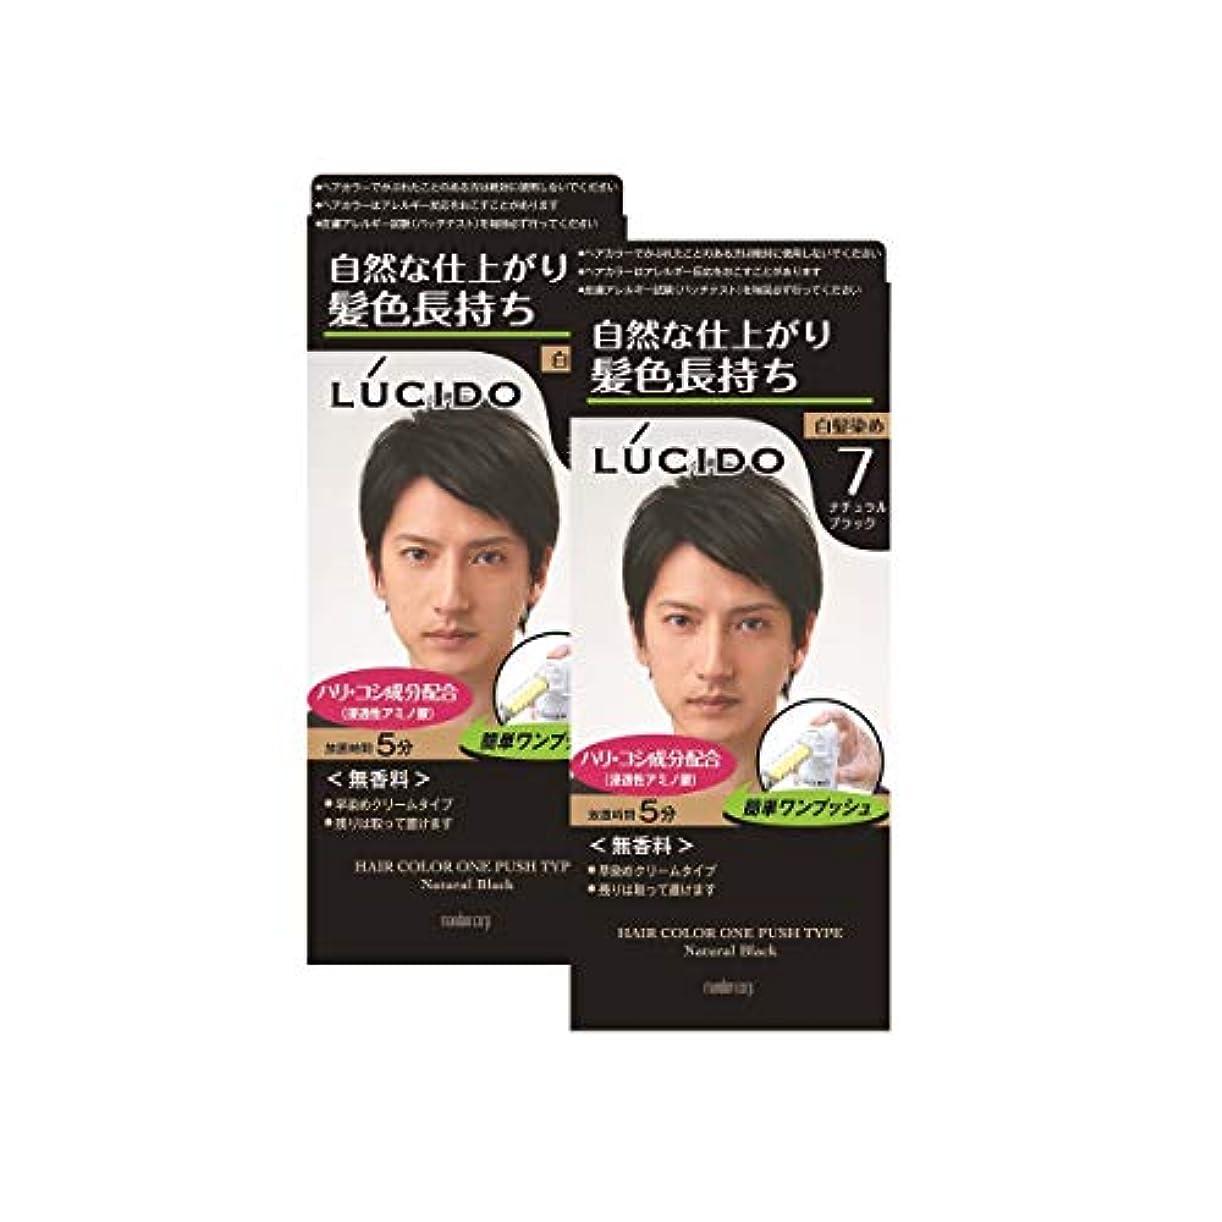 有効敬礼卑しい【まとめ買い】ルシード(LUCIDO)ワンプッシュケアカラー ナチュラルブラック 2個パック メンズ用 無香料 白髪染め ショートヘア約4回分